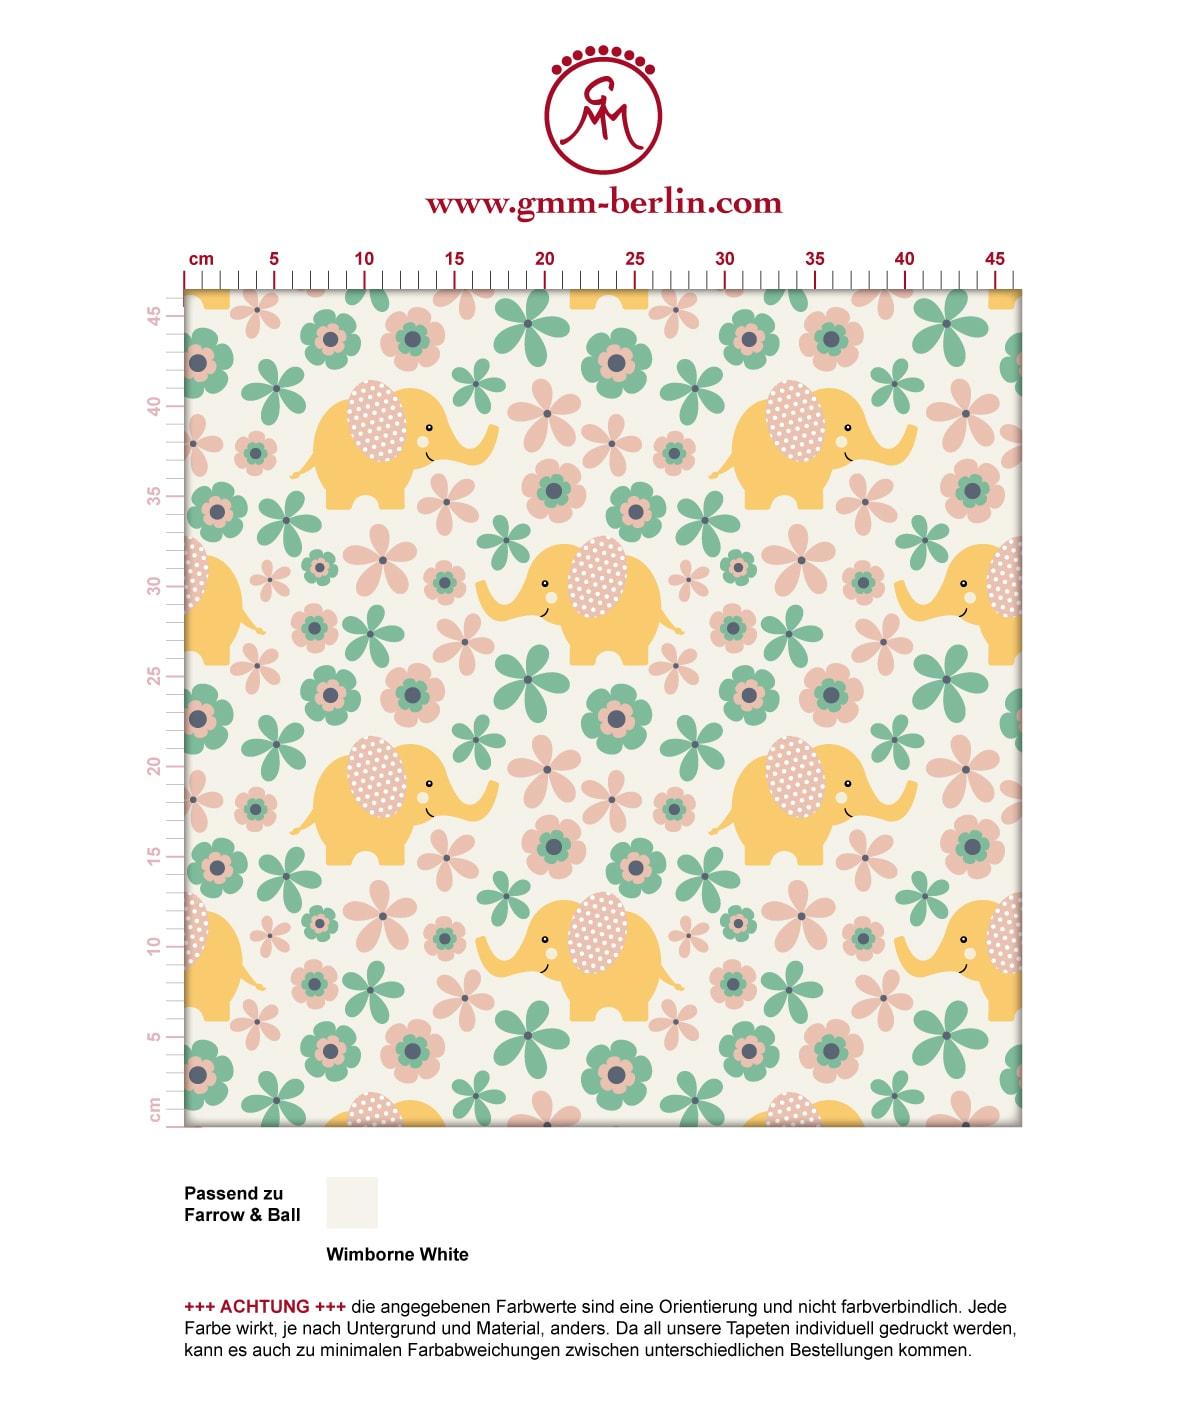 """""""Elephant Power""""  - Süße Kinder Baby Tapete mit Blumen und Elefanten im 70er Jahre Stil in gelb angepasst an Farrow and Ball Wandfarben- Vliestapete Tiere  3"""